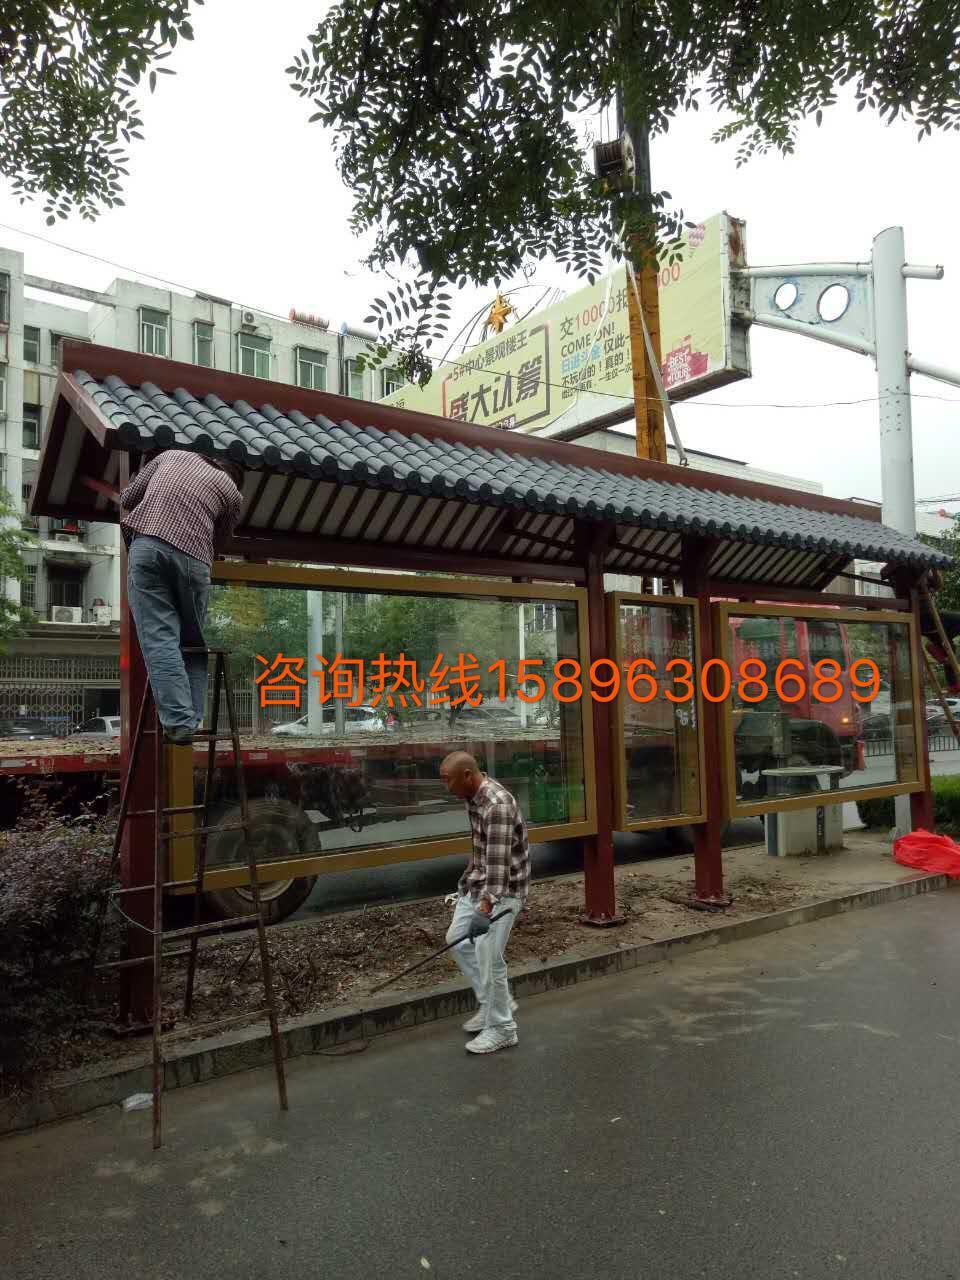 浙江省公交候车亭|公交站台灯箱生产厂家